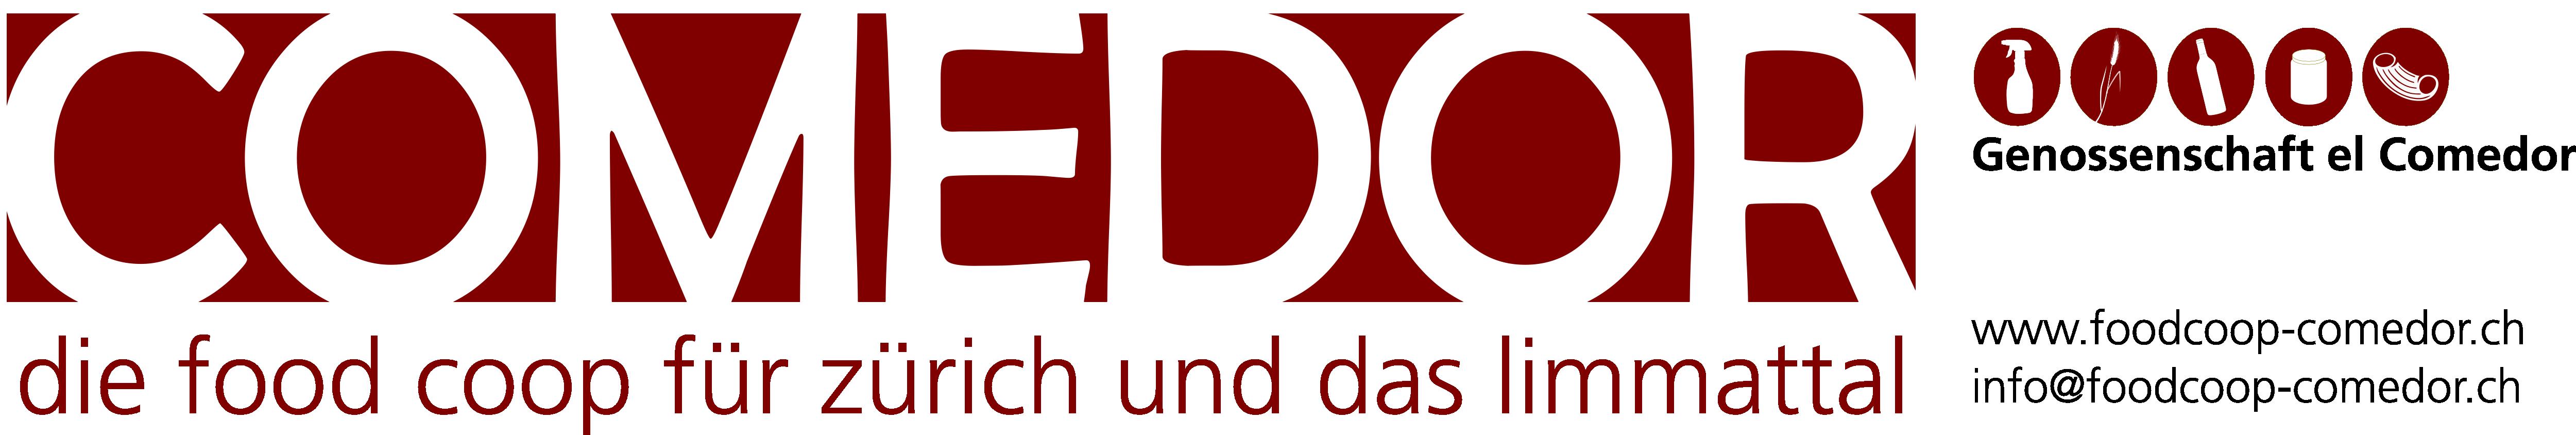 Comedor die food coop f r z rich und das limmattal for Comedor logo